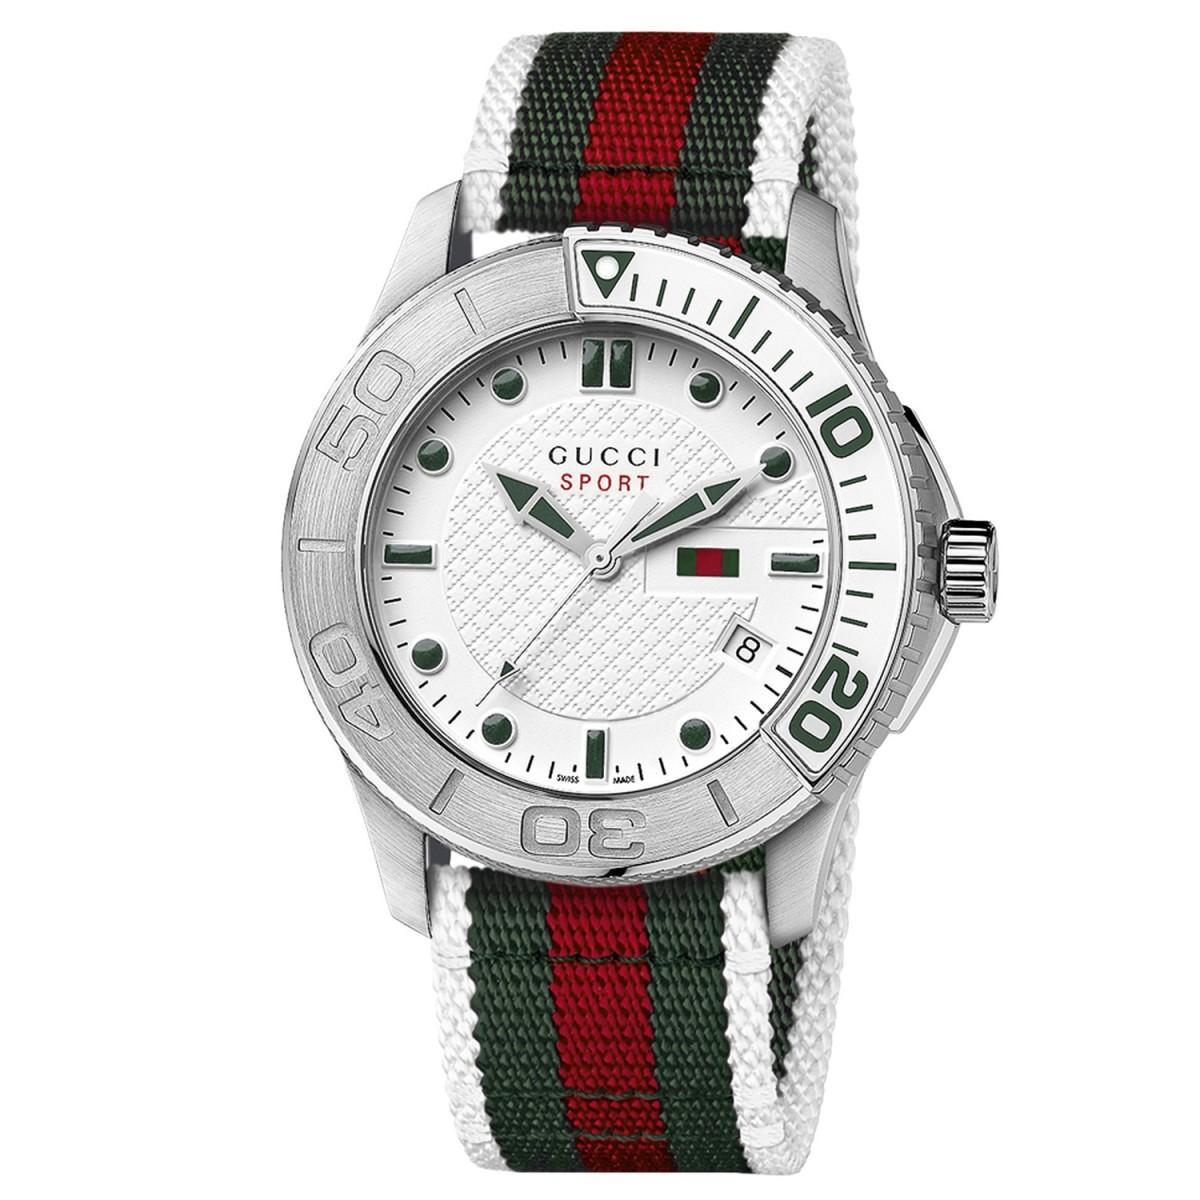 1bab9209ec9 Compre Relógio Gucci Timeless Sport em 10X